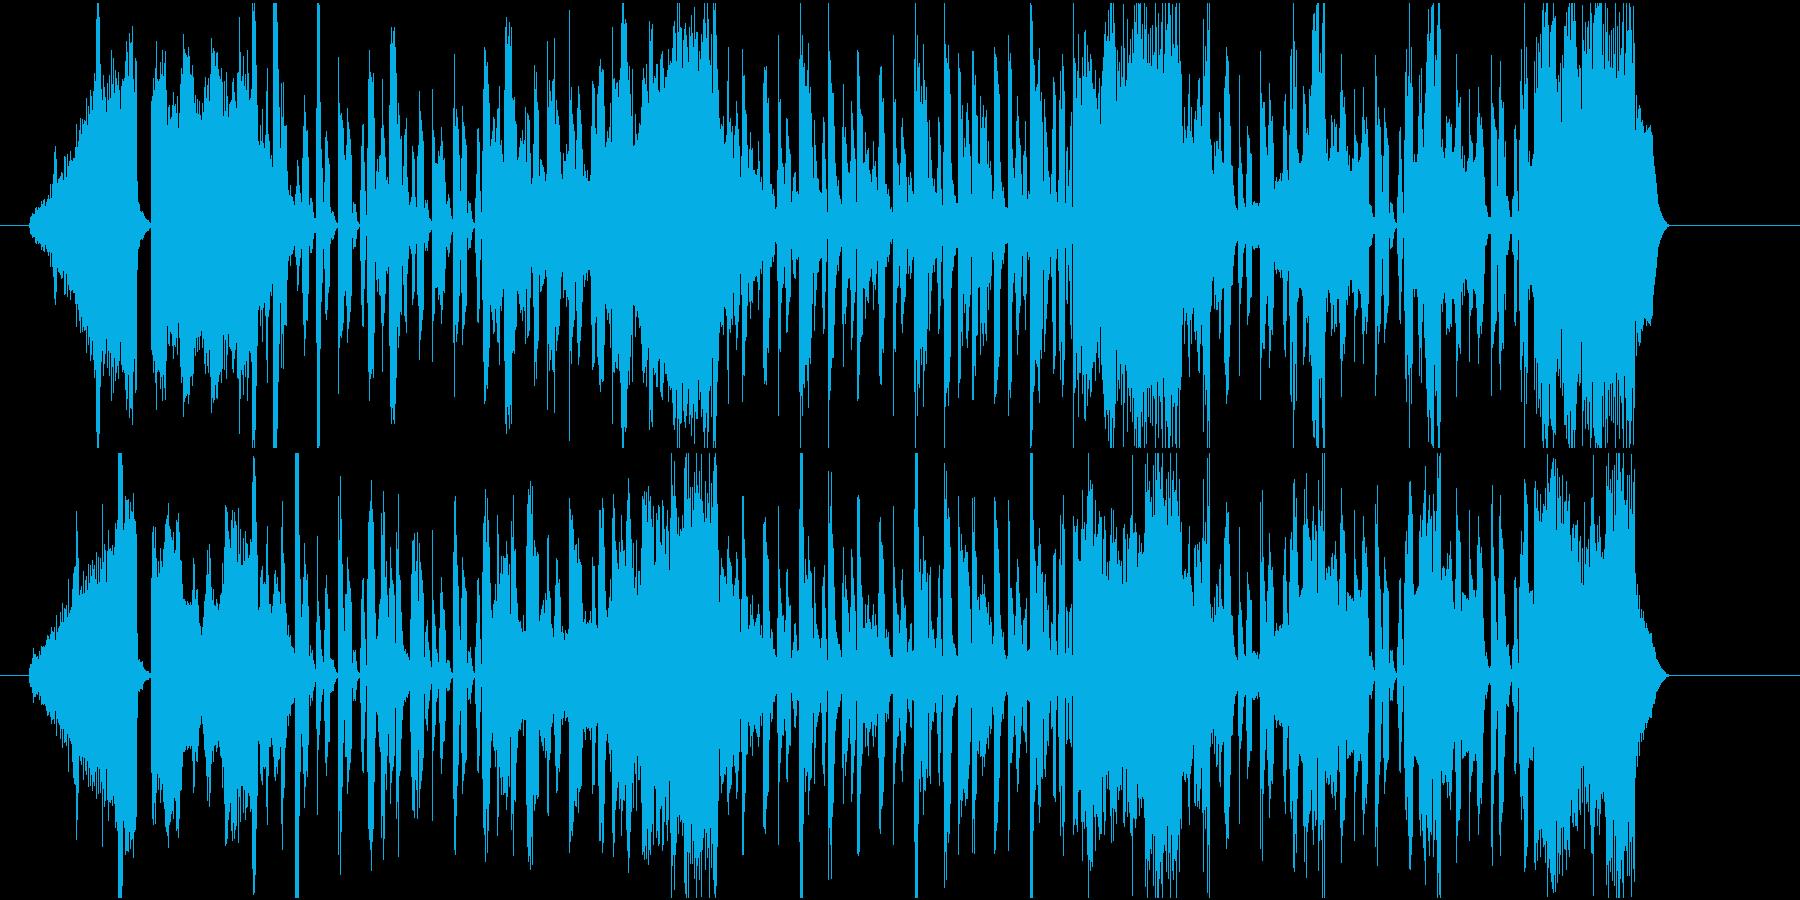 スタイリッシュでクールな映像用BGMの再生済みの波形